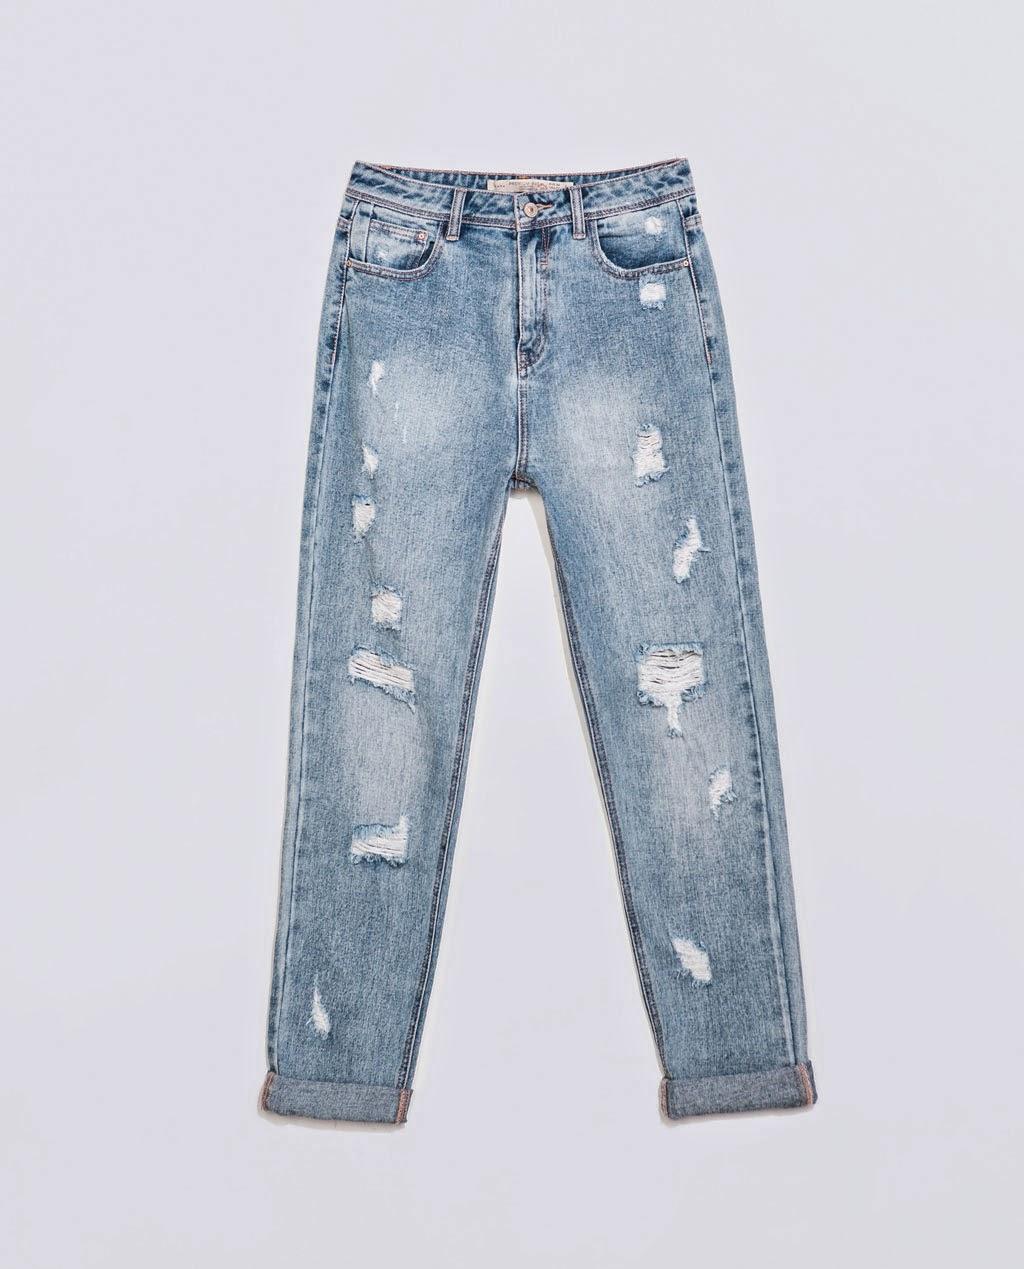 http://www.zara.com/pt/pt/colec%C3%A7%C3%A3o-aw14/trf/jeans/cal%C3%A7as-de-ganga-mom-fit-c271018p1983978.html